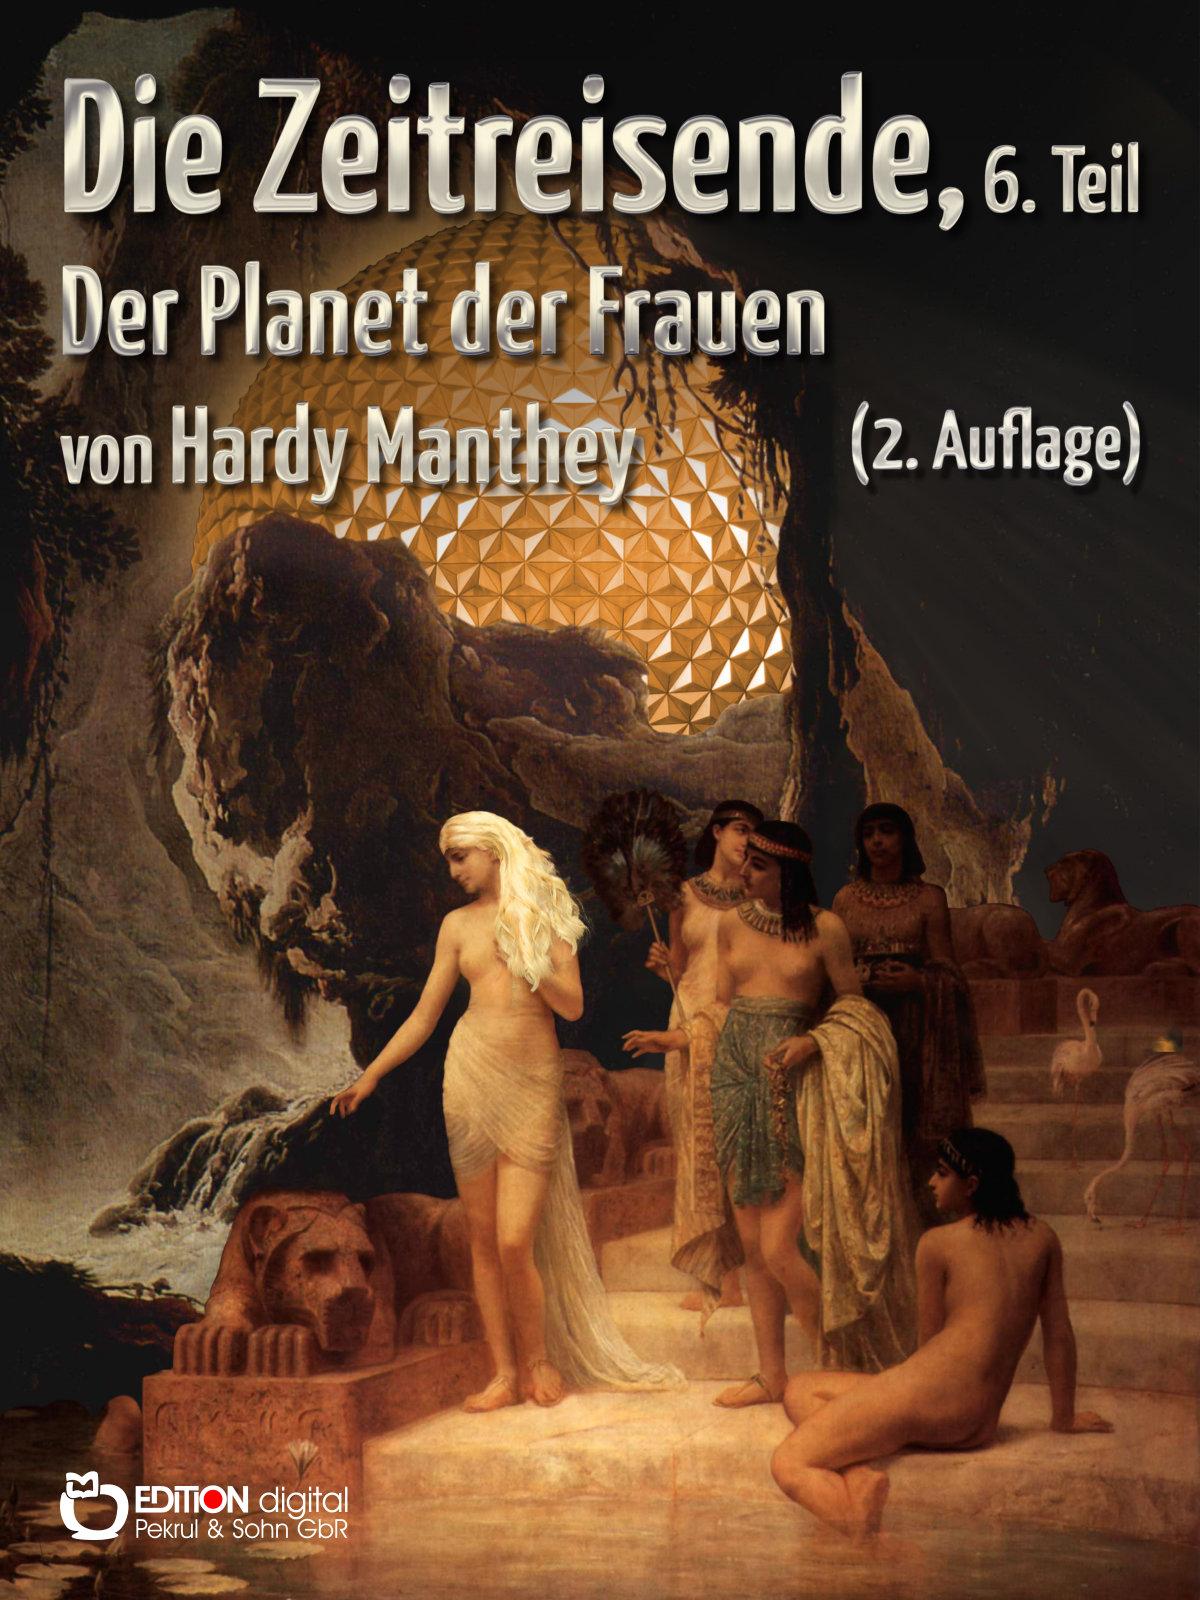 Die Zeitreisende, 6. Teil. Der Planet der Frauen von Hardy Manthey